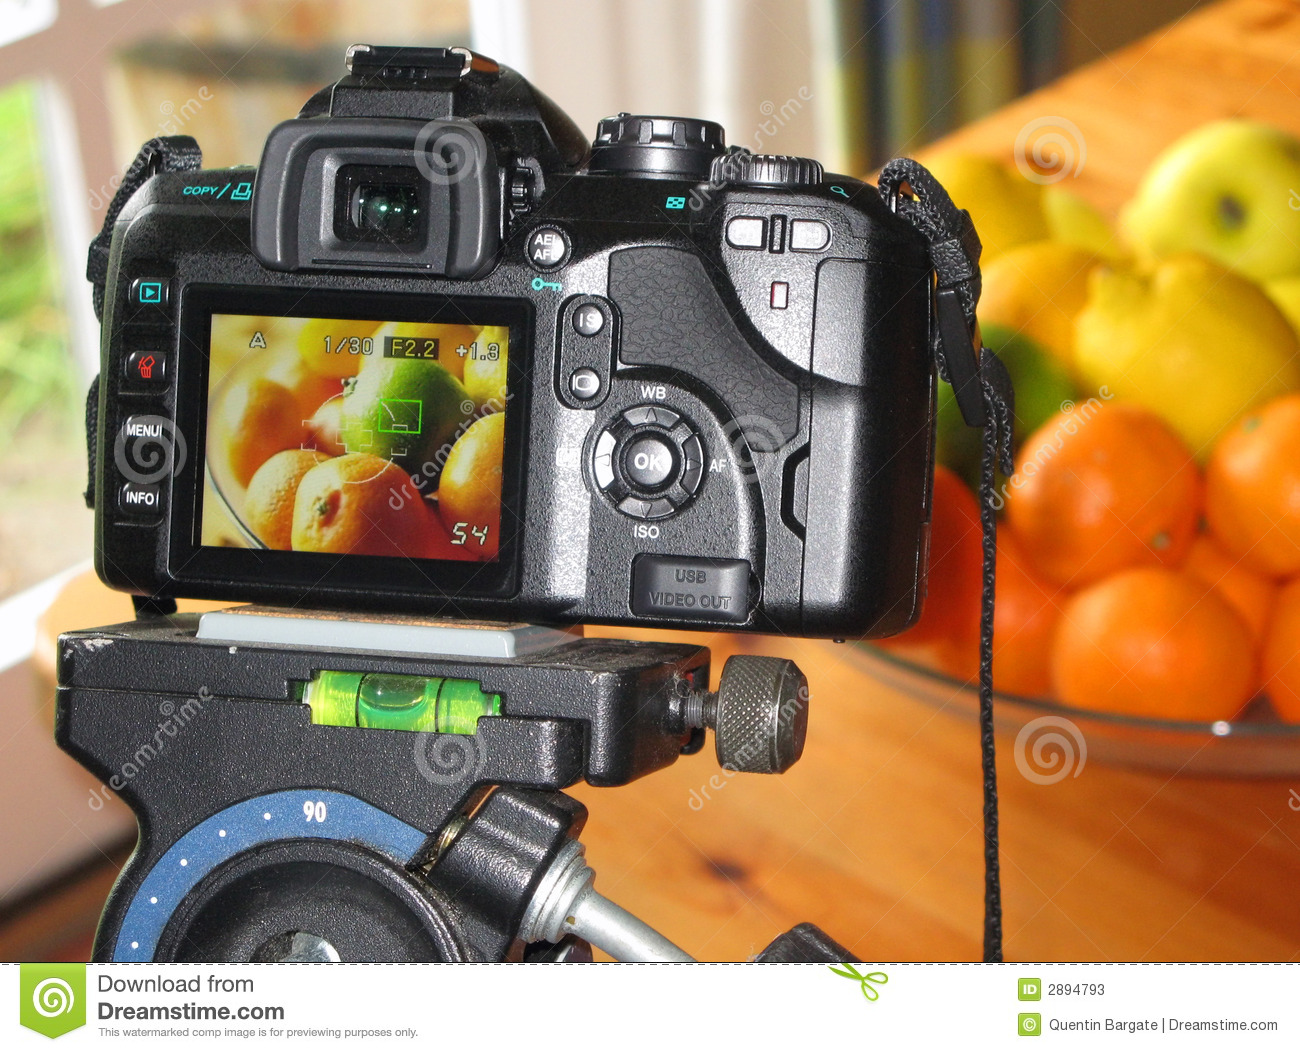 nhận chụp hình món ăn